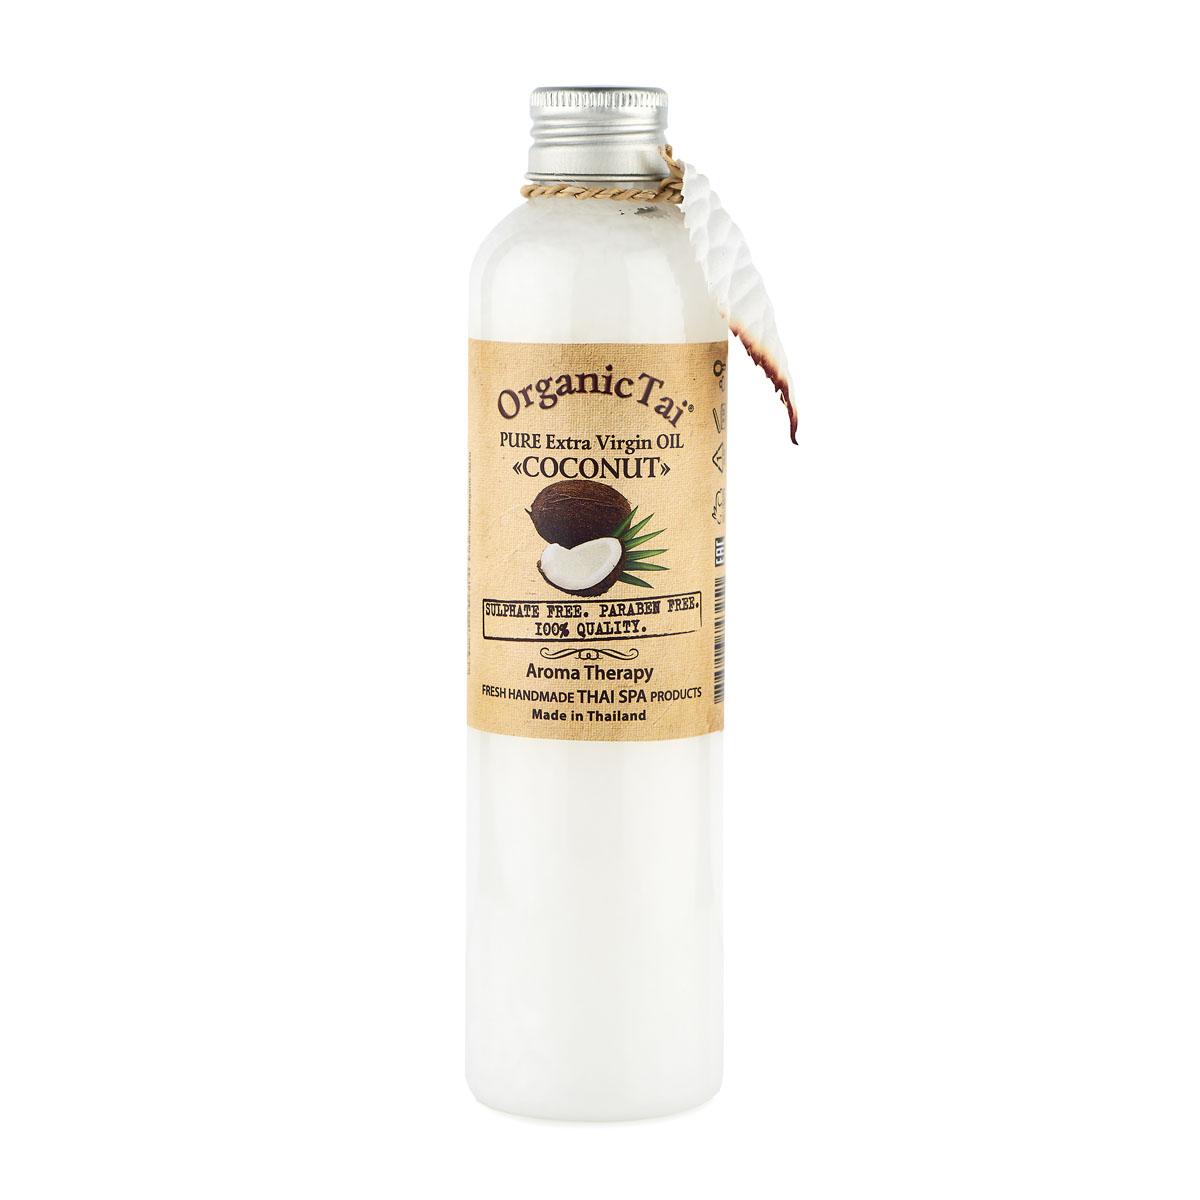 OrganicTai Чистое базовое масло КОКОСА холодного отжима, 260 млAC-2233_серыйРУЧНАЯ РАБОТА. ТАЙСКИЙ SPA. АРОМАТЕРАПИЯ. Мастера тайского массажа применяют это масло с давних времен. Идеально подходит для основного ухода за кожей, волосами и для массажа. Волосы укрепляет и питает, придавая им естественный блеск и шелковистость. Служит отличным закрепляющим средством для окрашенных волос, является активным антиоксидантом, предотвращающим преждевременное старение кожи. КОКОСОВОЕ масло — это природный УФ-фильтр, защищает кожу и волосы от интенсивного ультрафиолетового излучения, позволяет избежать солнечных ожогов и получить равномерный красивый загар на долгое время. Массаж способствует более активному проникновению незаменимых полиненасыщенных жирных кислот КОКОСОВОГО МАСЛА в глубокие слои кожи, усиливая его питательные, защитные и омолаживающие свойства. Регулярное применение этого масла с легким приятным тропическим ароматом свежеразломленного кокоса подарит Вашей коже сияние молодостью и красотой. AromaTherapy FRESH HANDMADE THAI SPA PRODUCTS. SULPHATE FREE. PARABEN FREE. 100% QUALITY.